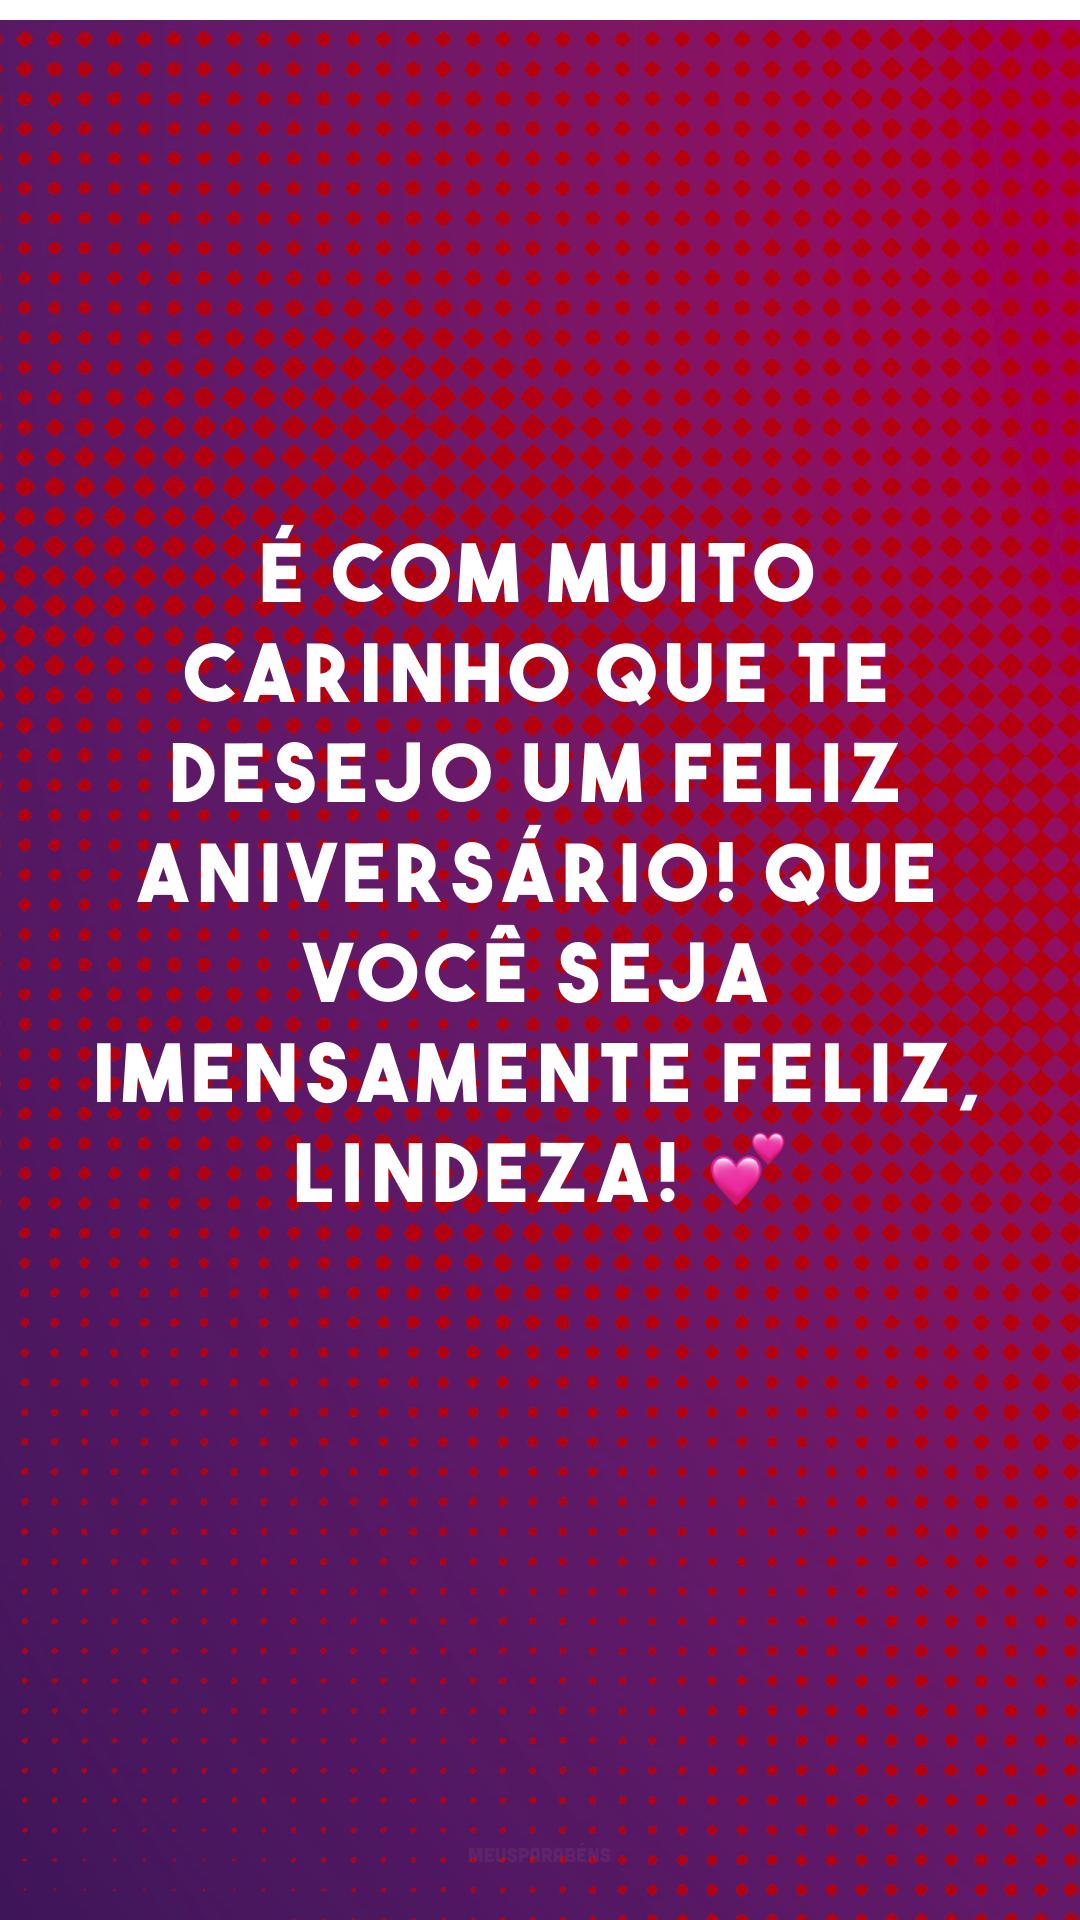 É com muito carinho que te desejo um feliz aniversário! Que você seja imensamente feliz, lindeza! 💕